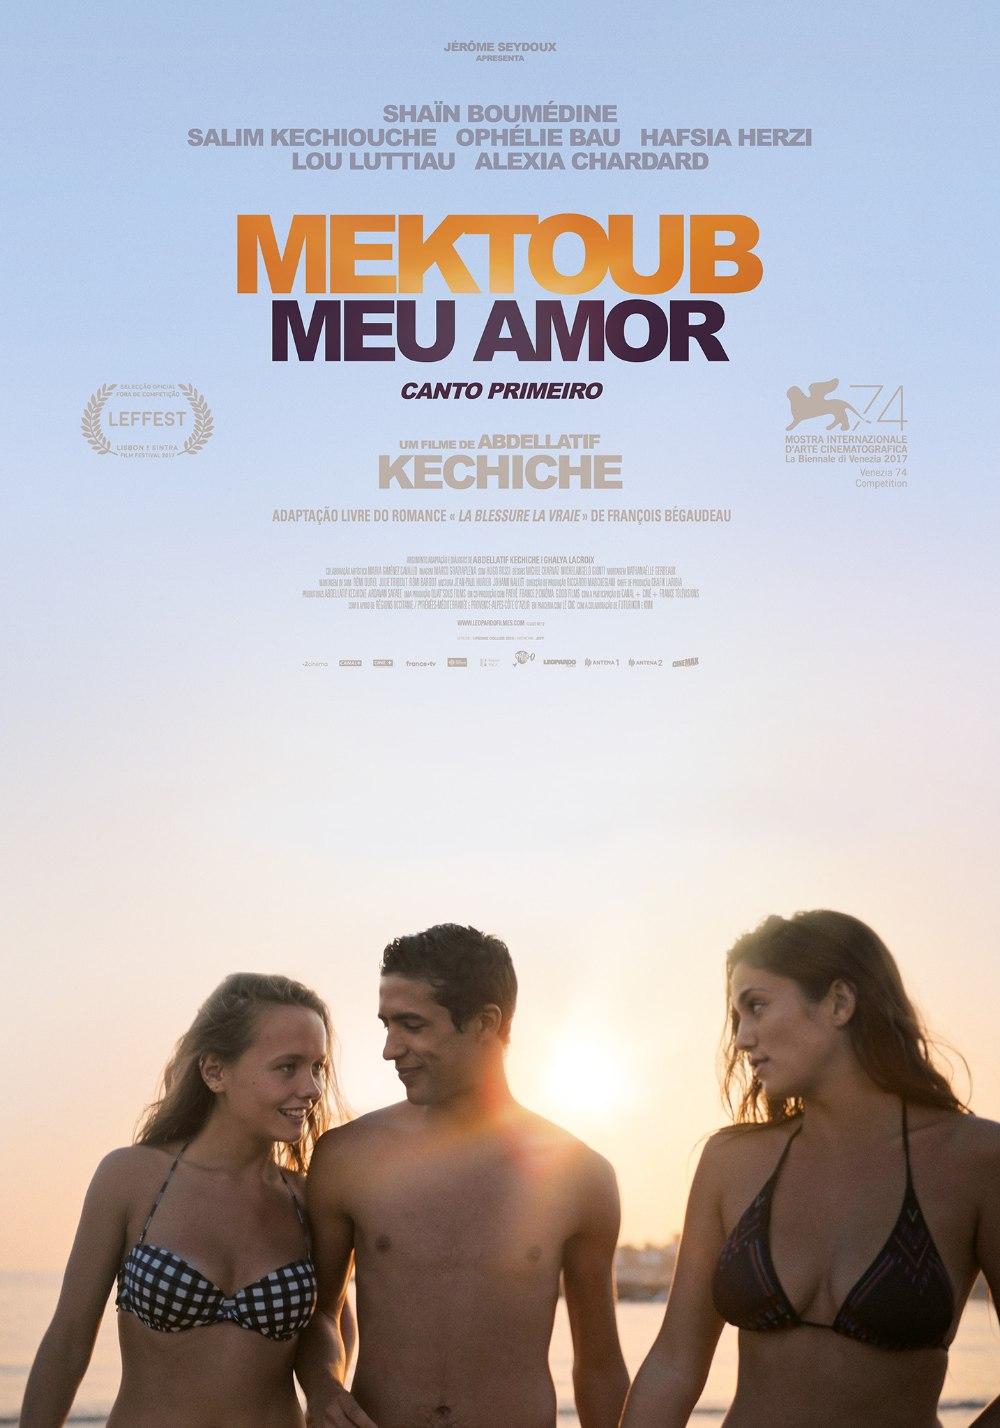 Mektoub, Meu Amor: Canto Primeiro